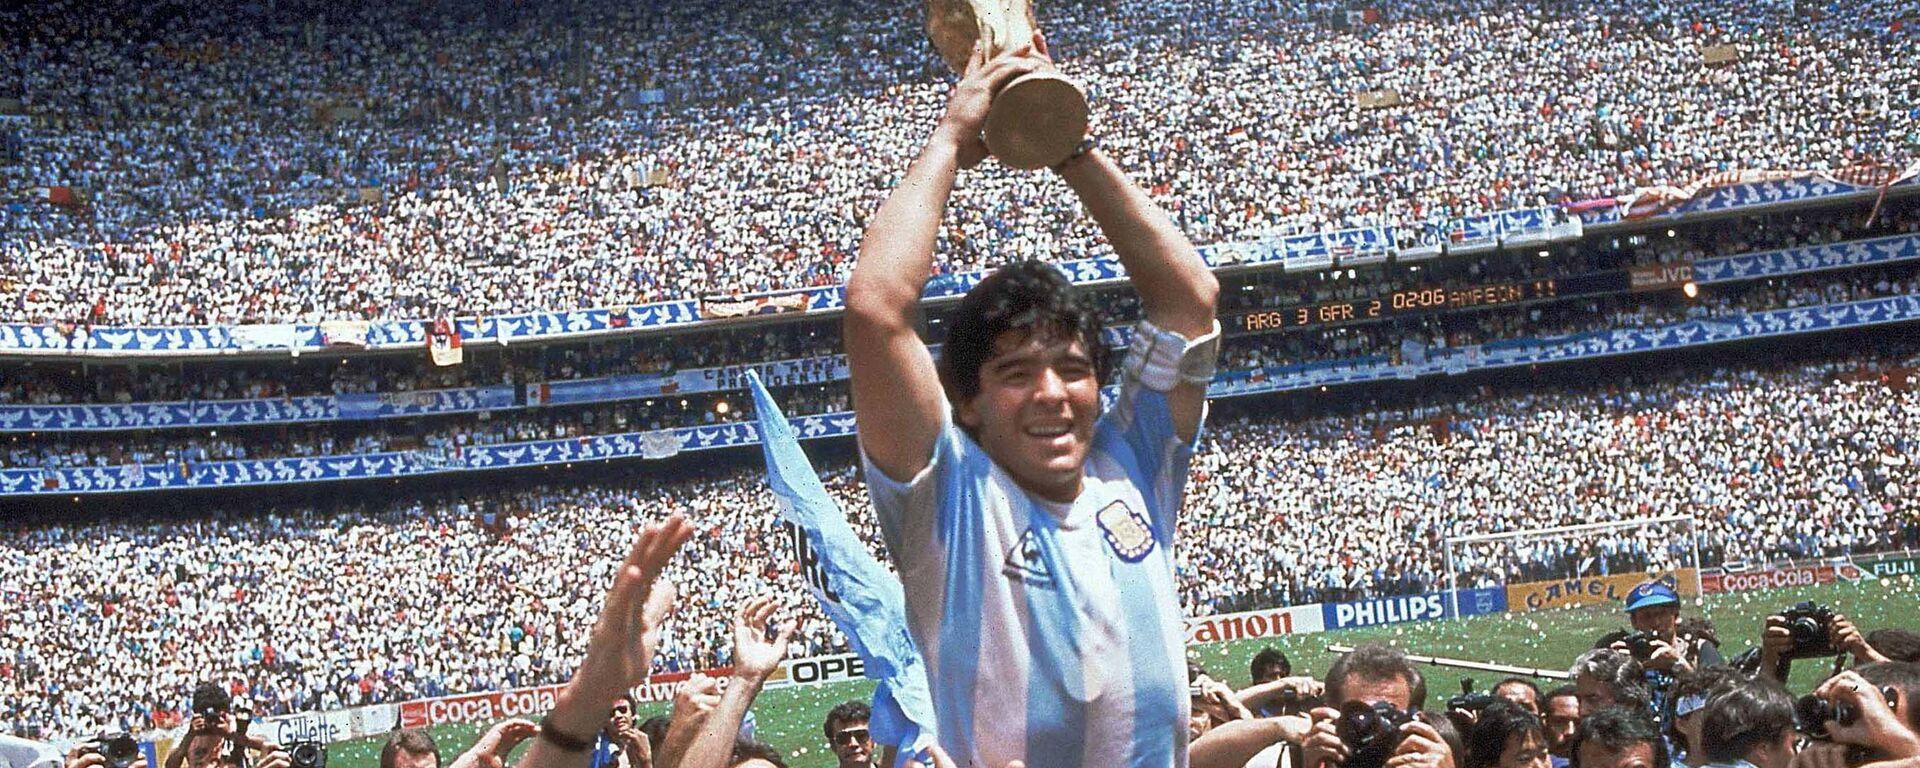 Дијего Марадона са пехаром светског првака на стадиону Астека у Мексико Ситију 1986. - Sputnik Србија, 1920, 25.11.2020